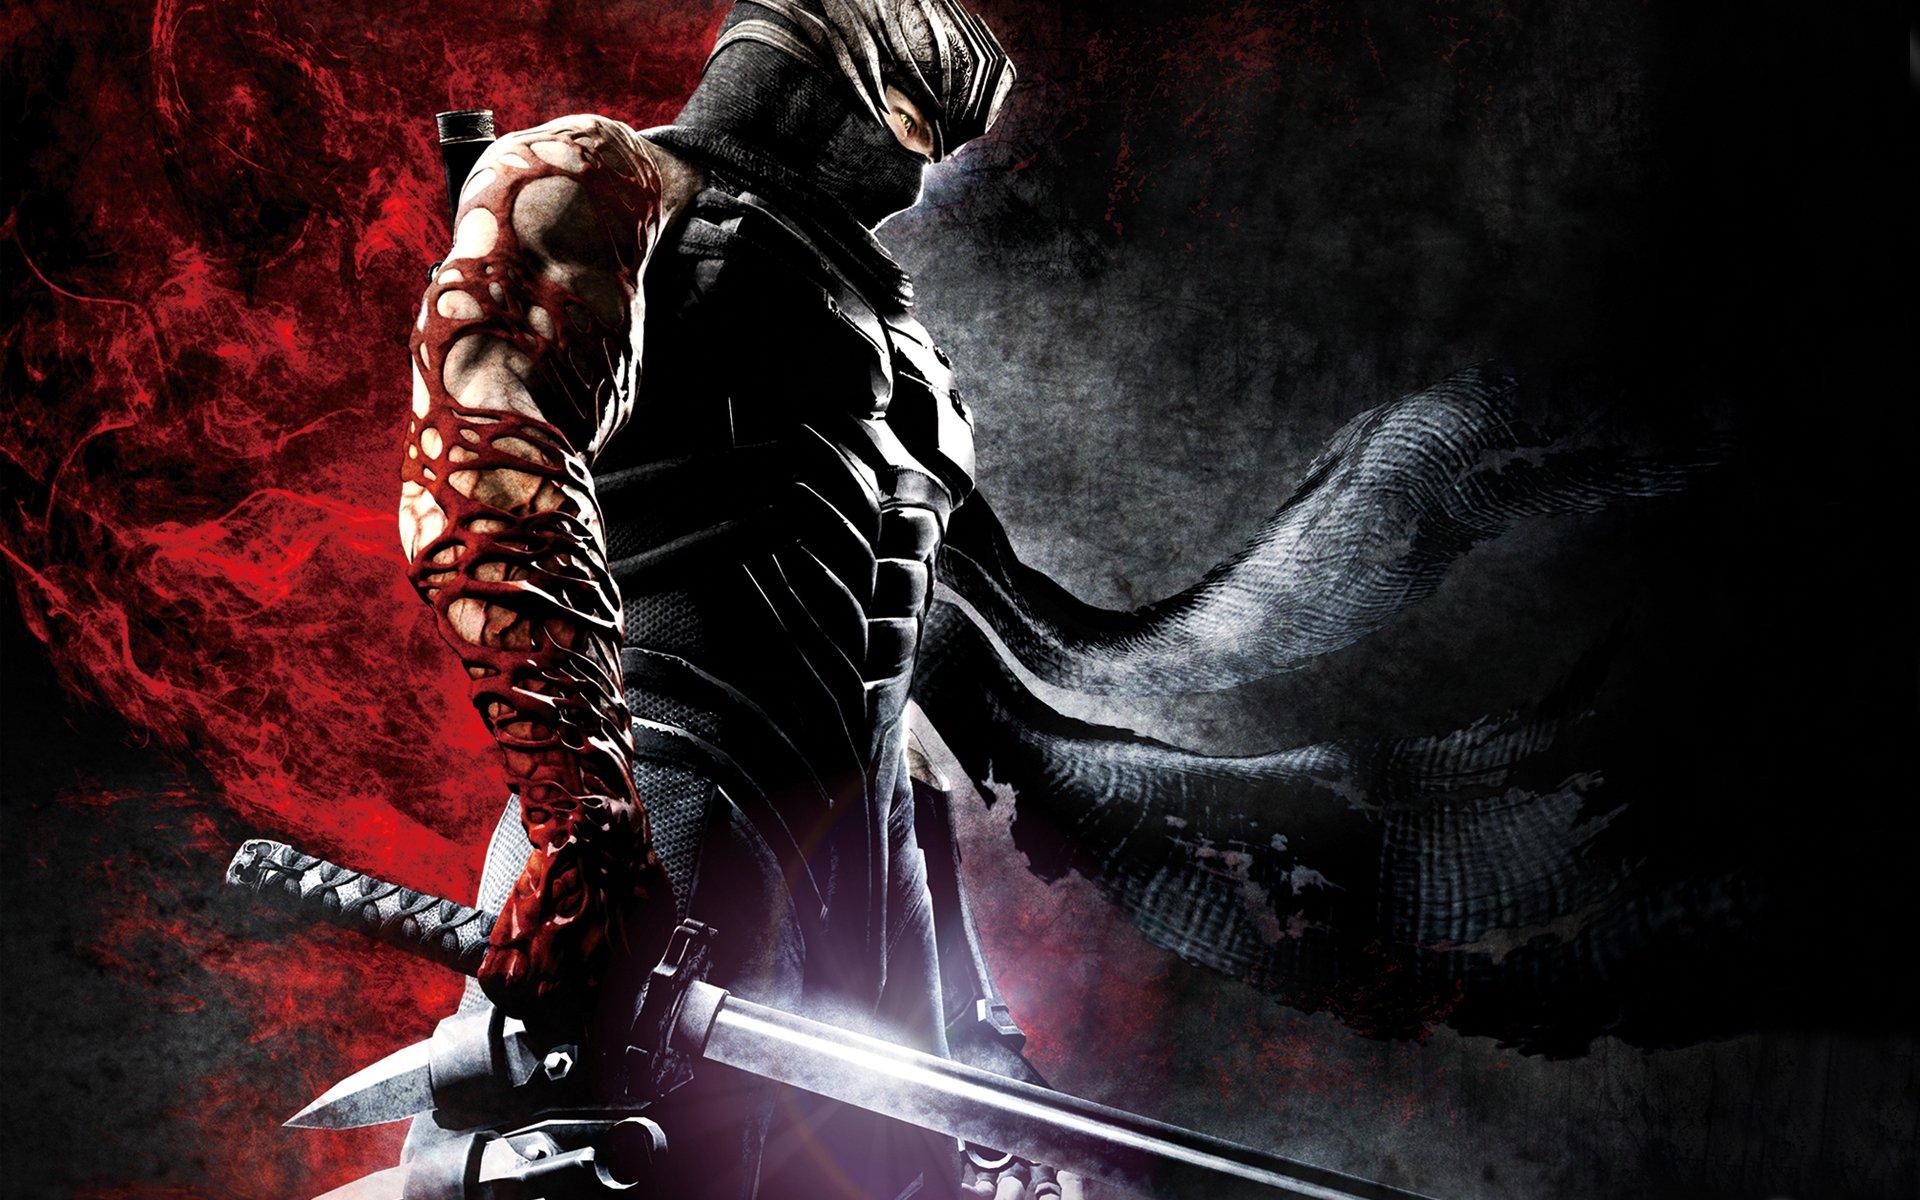 11 Ninja Gaiden 3 HD Wallpapers Background Images 1920x1200